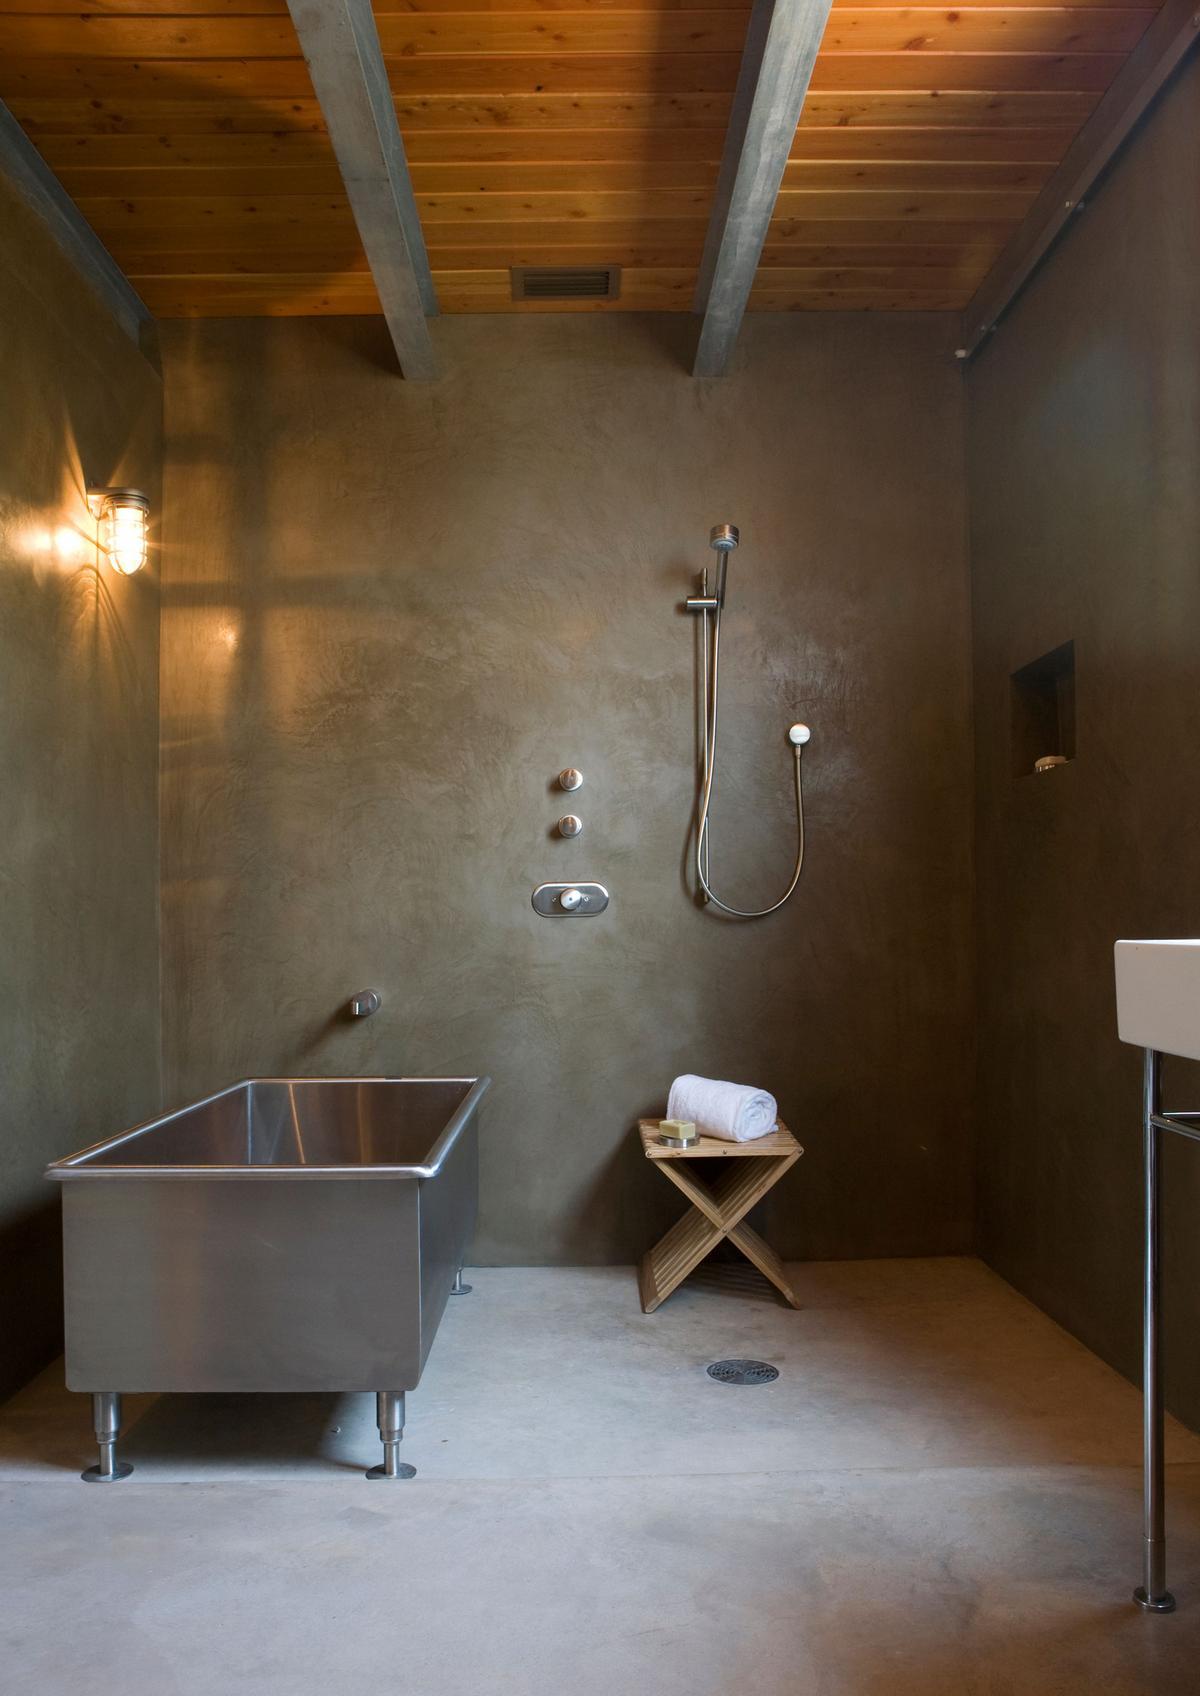 Mell Lawrence Architects, дом на берегу озера, однообъемный интерьер, потрясающий вид из окон частного дома, дома в Техасе, экологичный дом